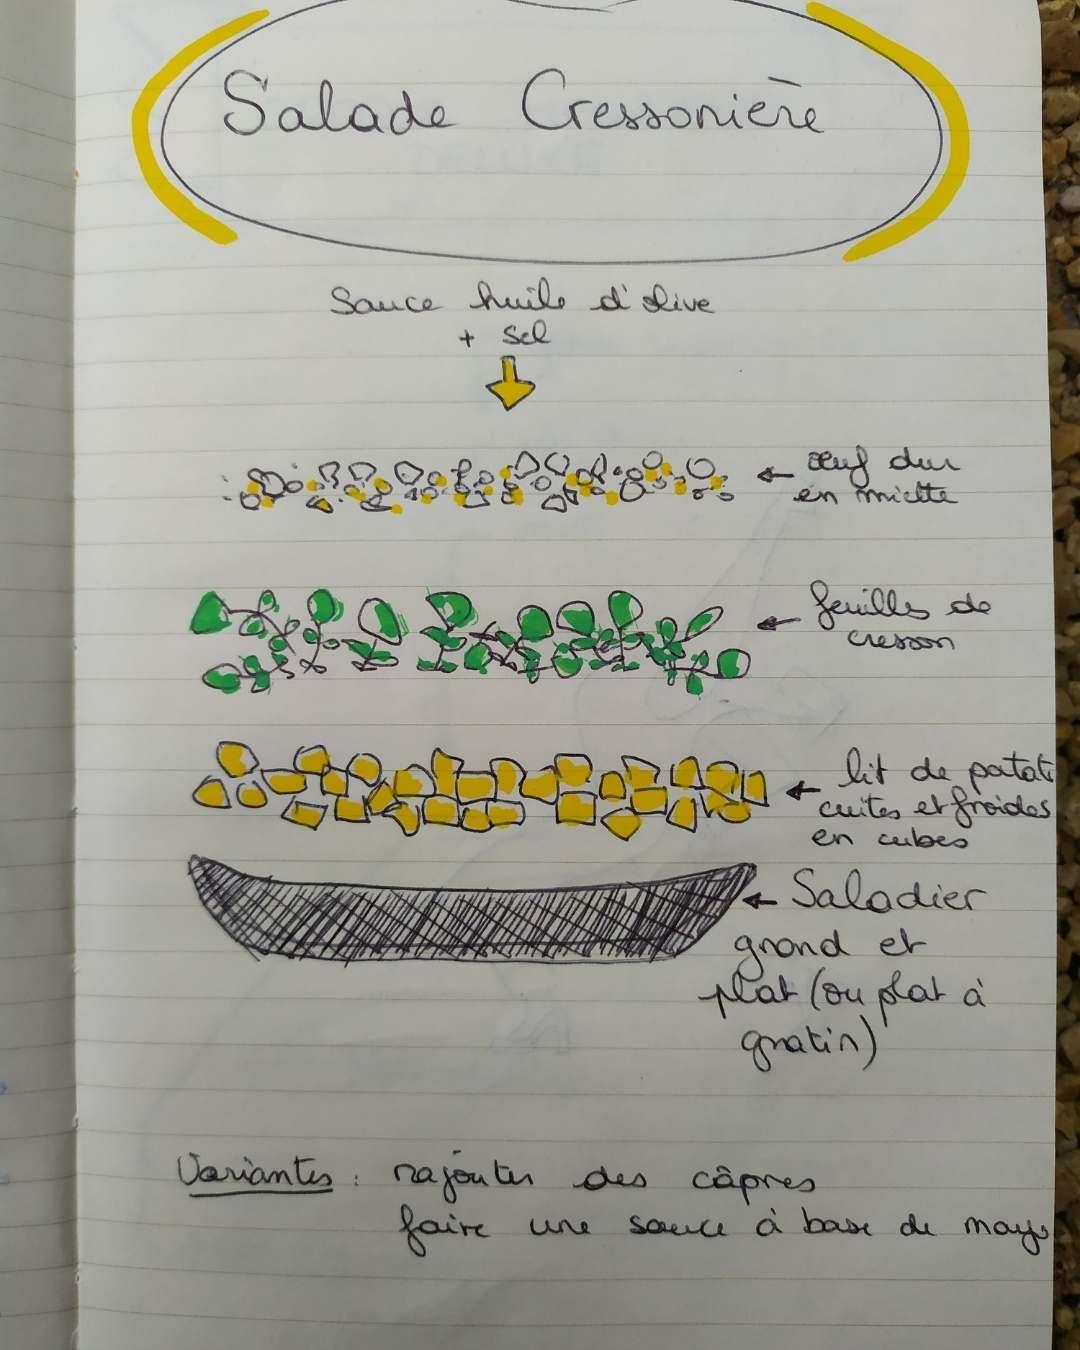 Salade cressonnière - les sourciers